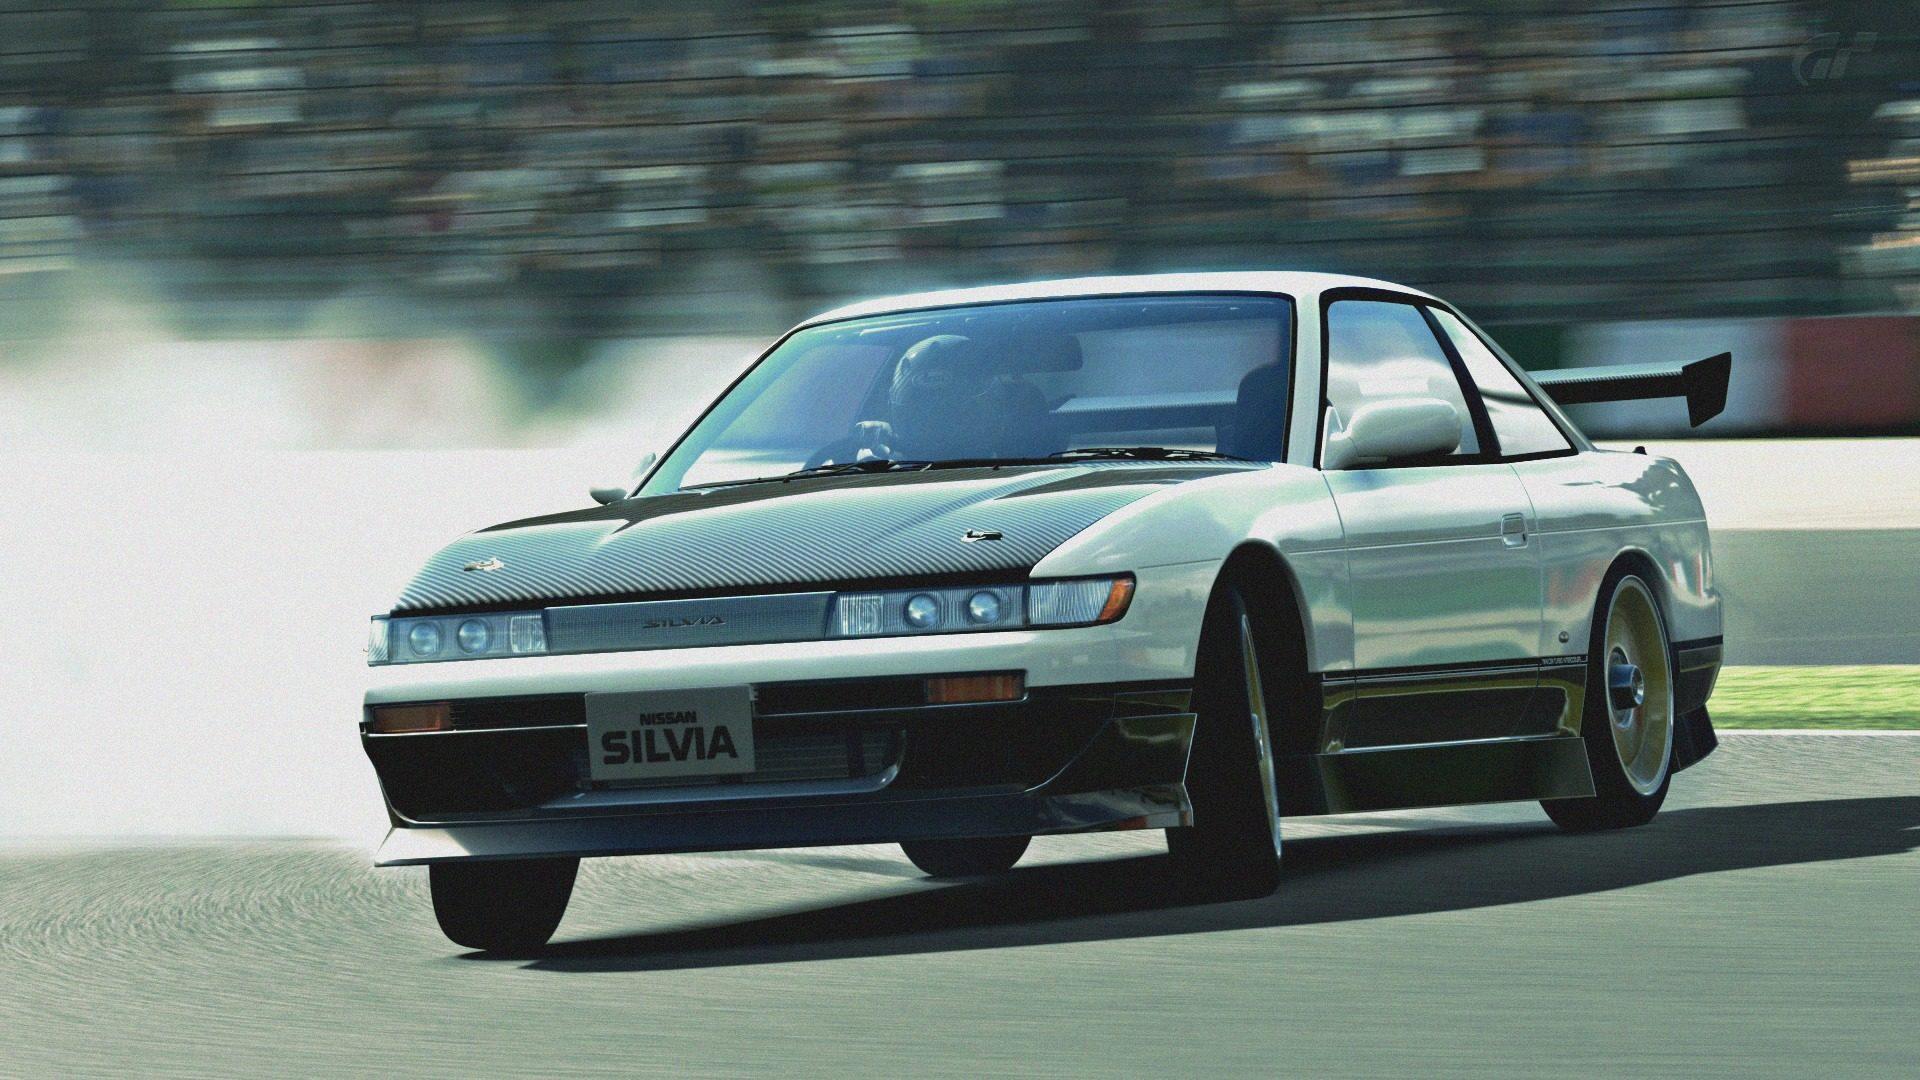 SCEC11-SilviaDrift1.jpg